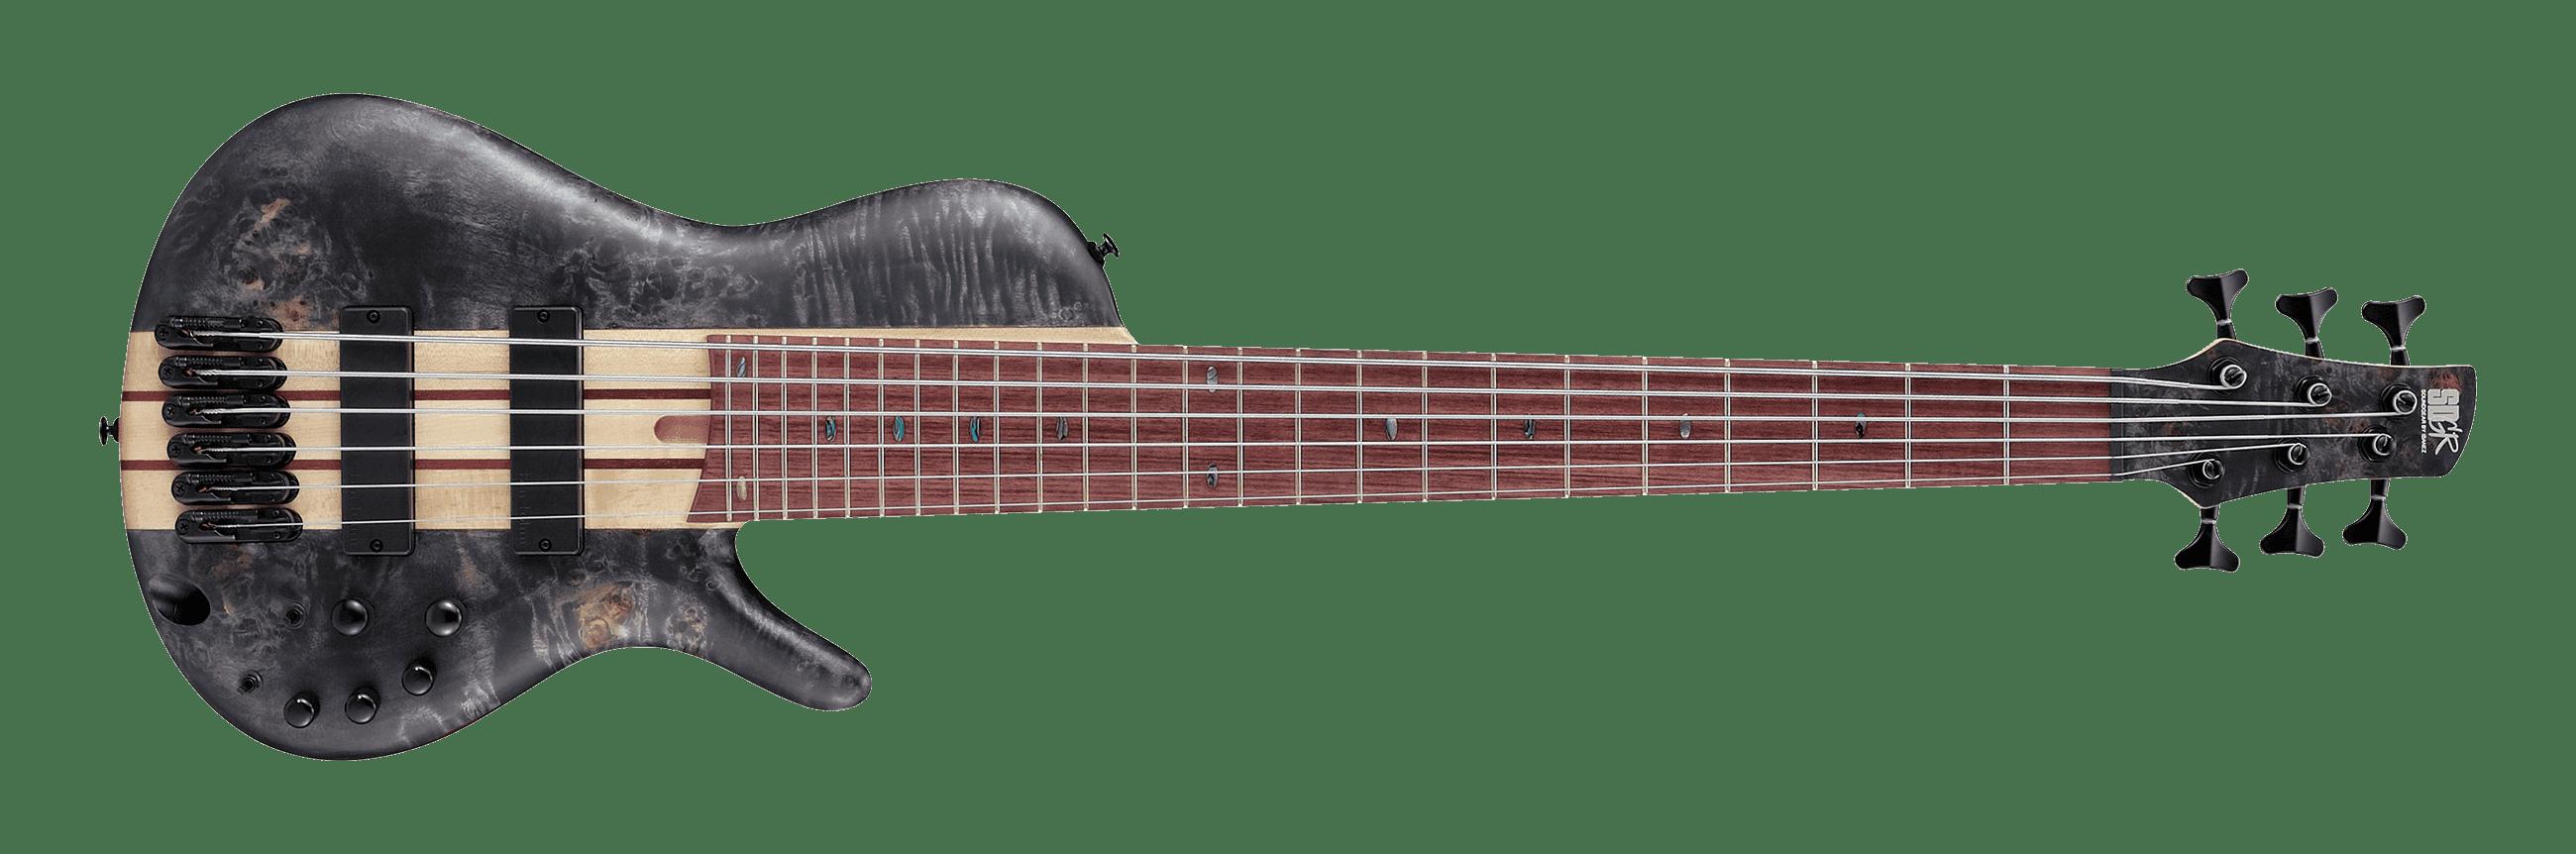 SRSC806